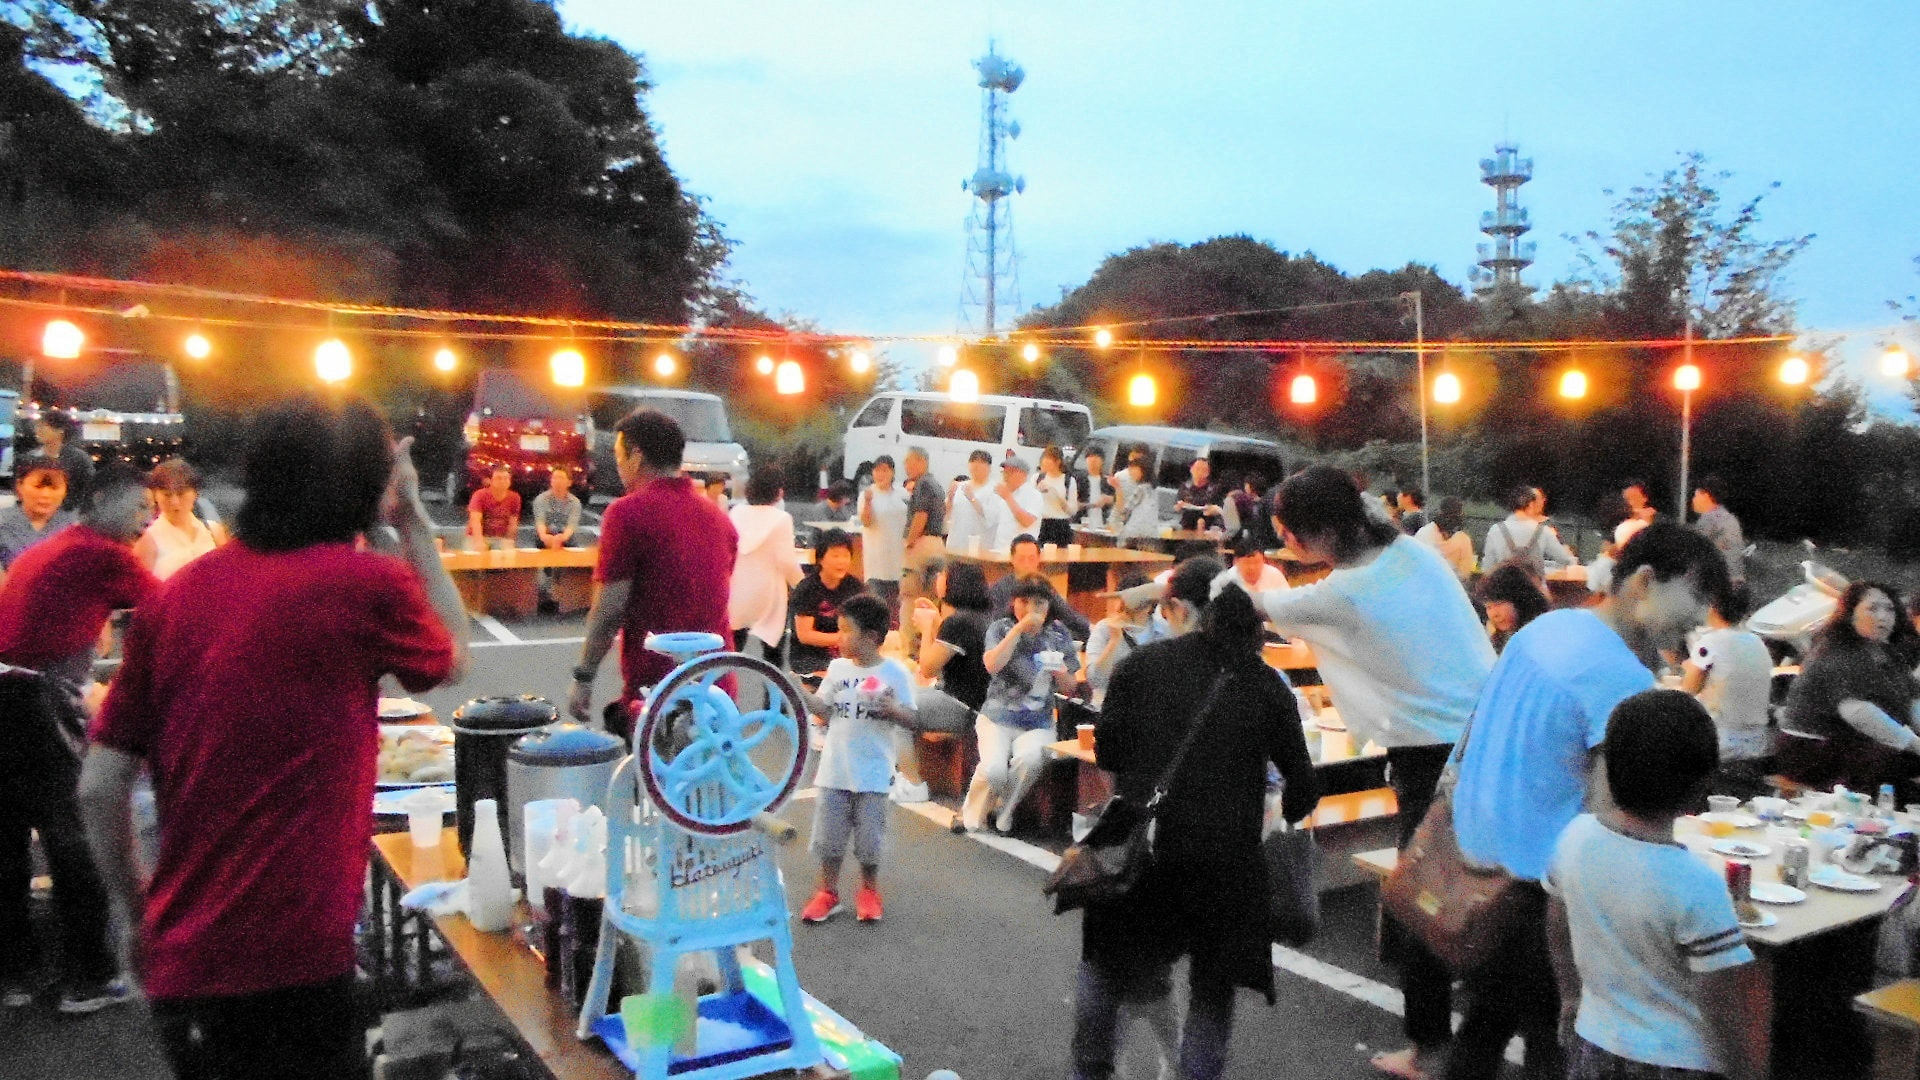 出張ケータリング屋台バーベキュー懇親会・親睦会パーティー鉄板焼き料理プラン #5